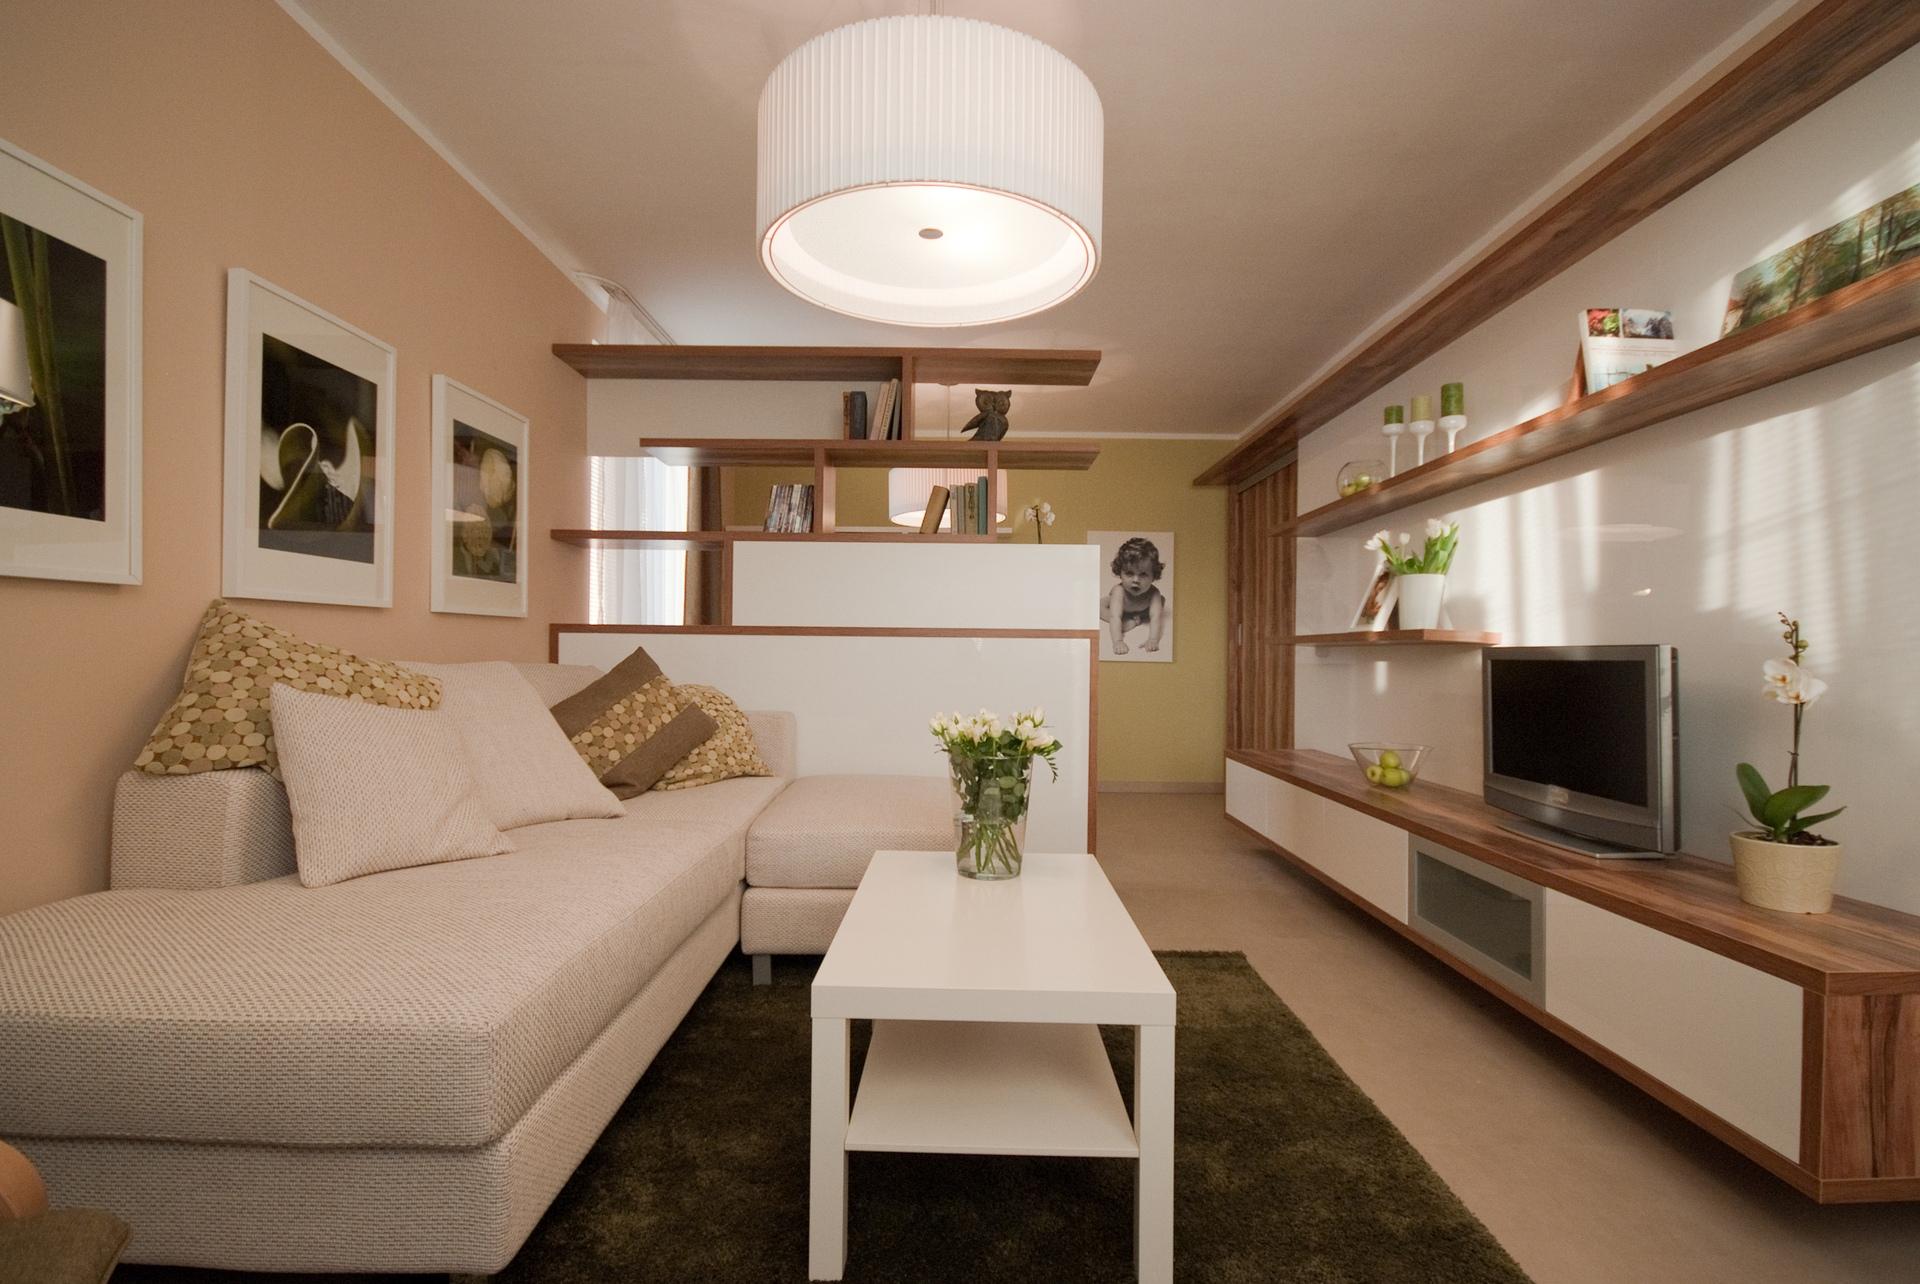 jak se staví sen - obývací pokoj s pracovním koutem 2